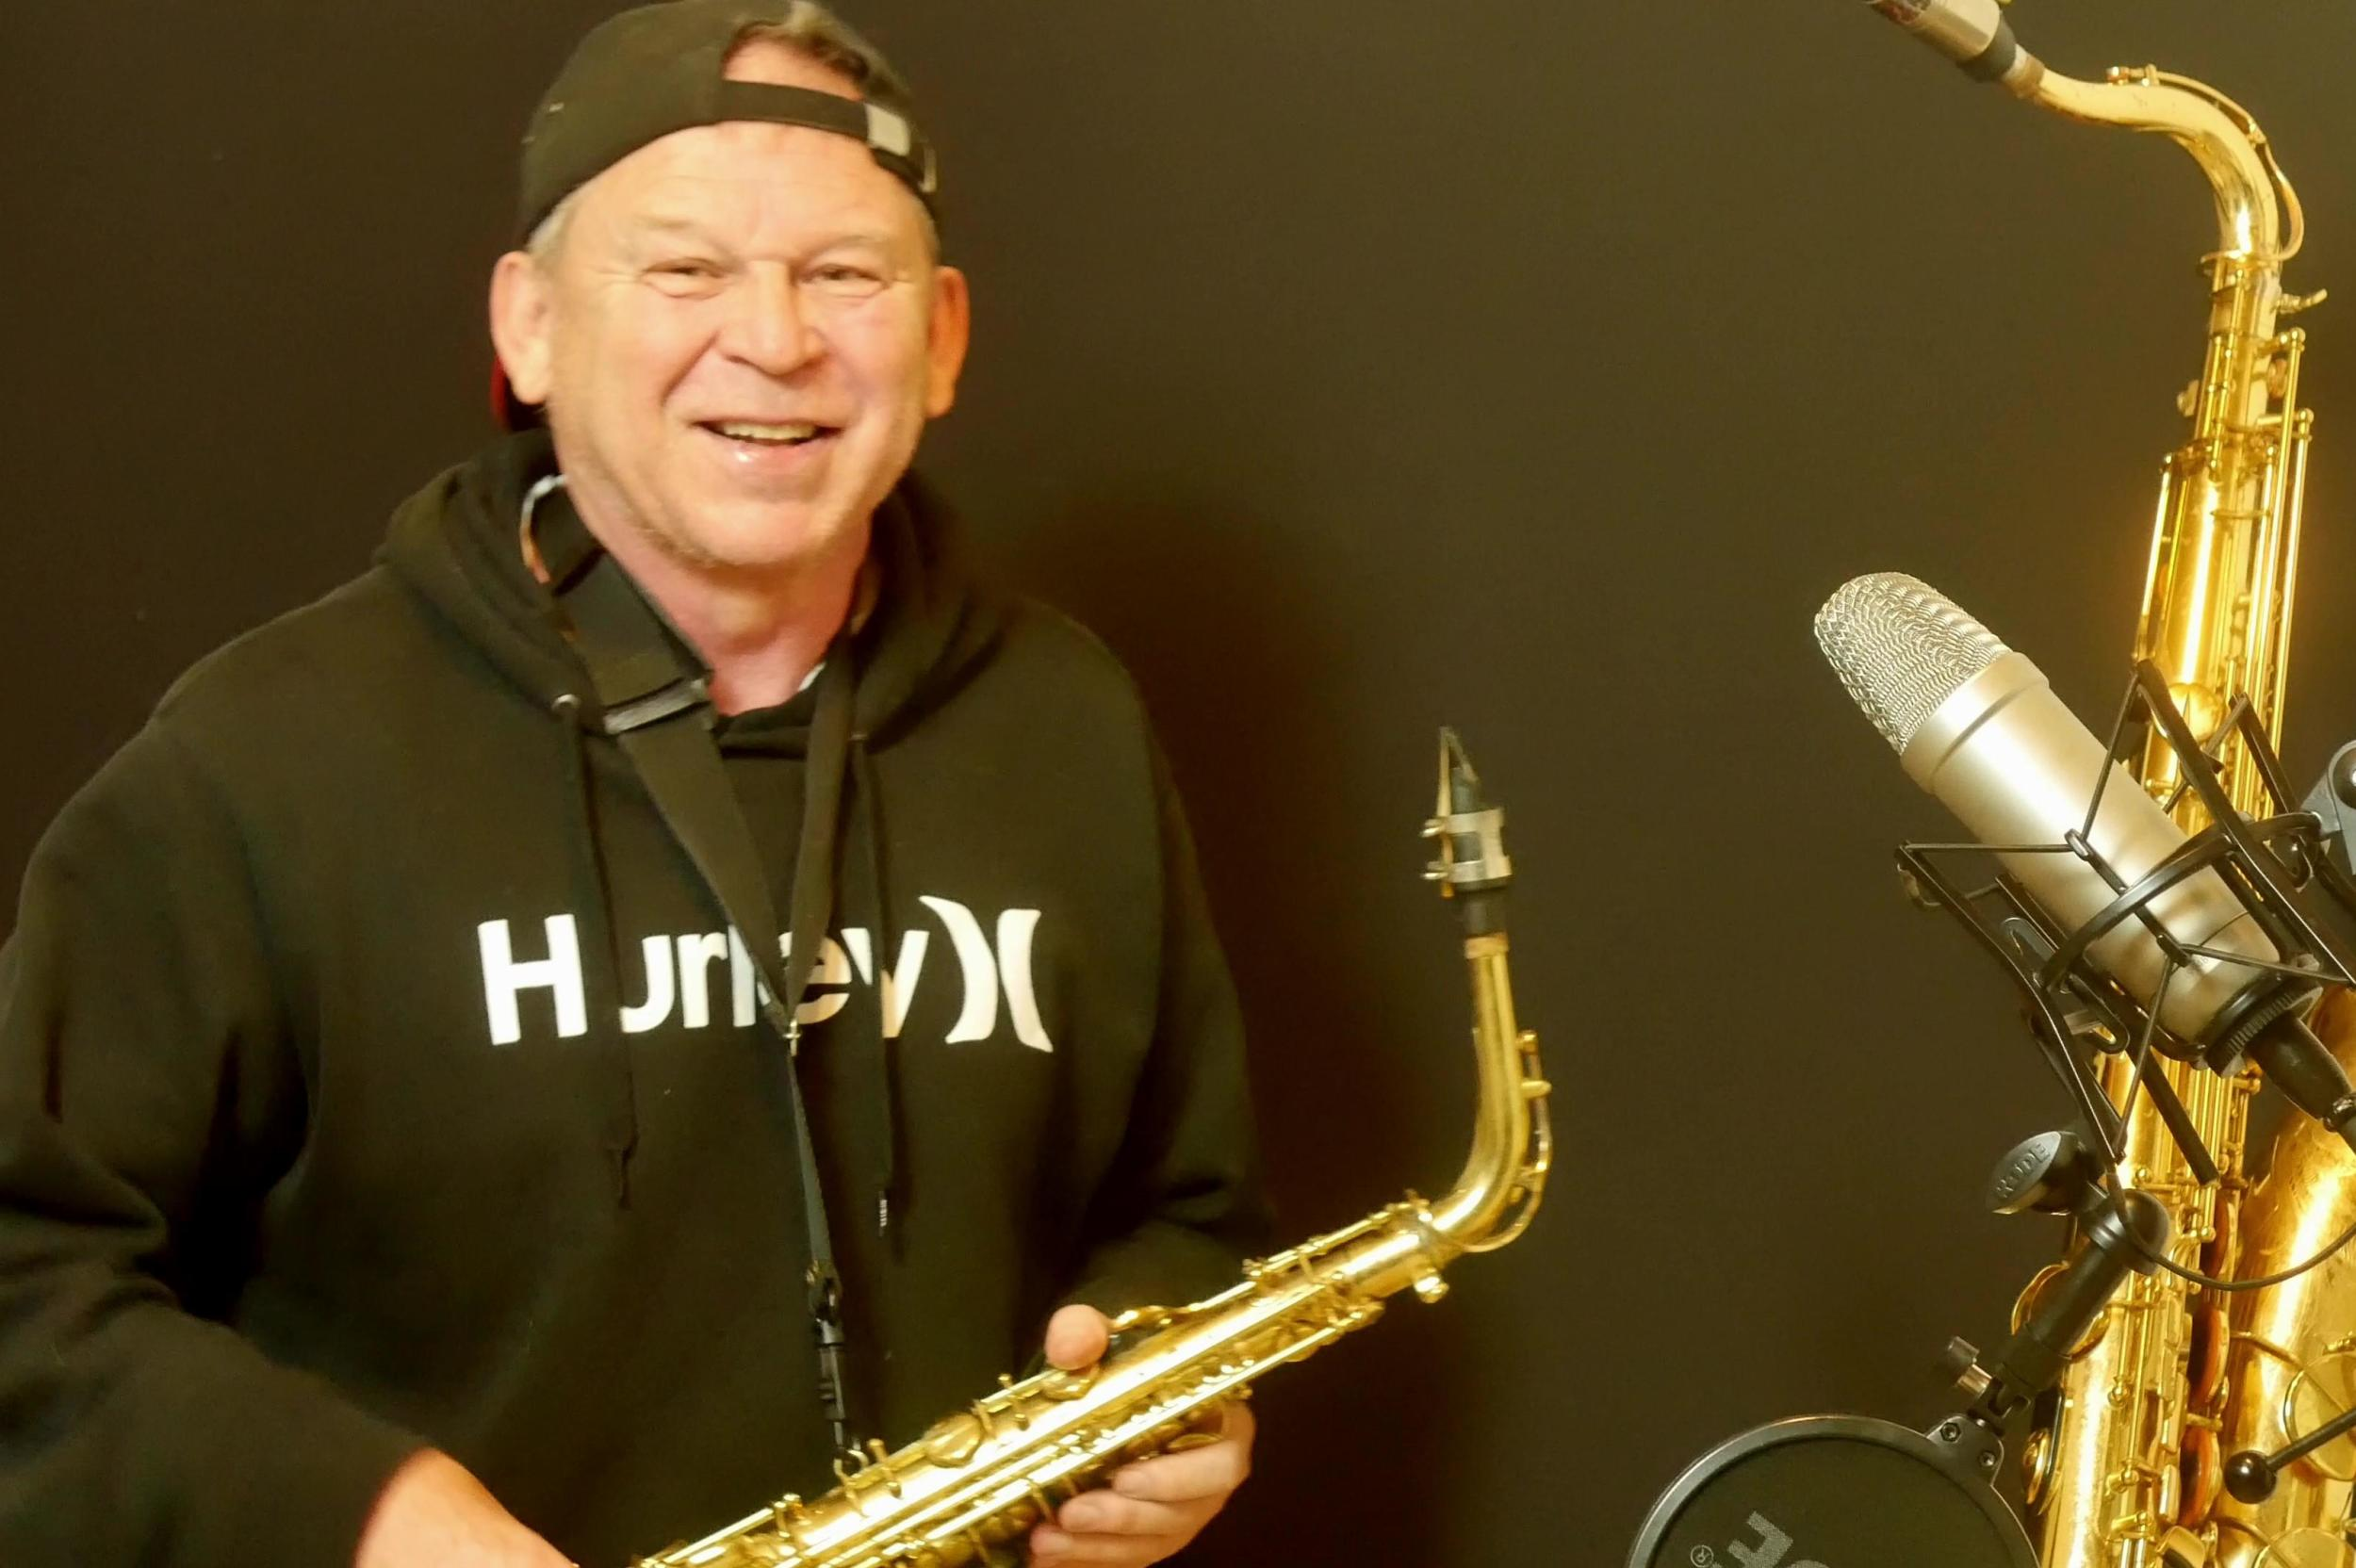 Stefan Lamml Sax Master Saxman Sax Coach